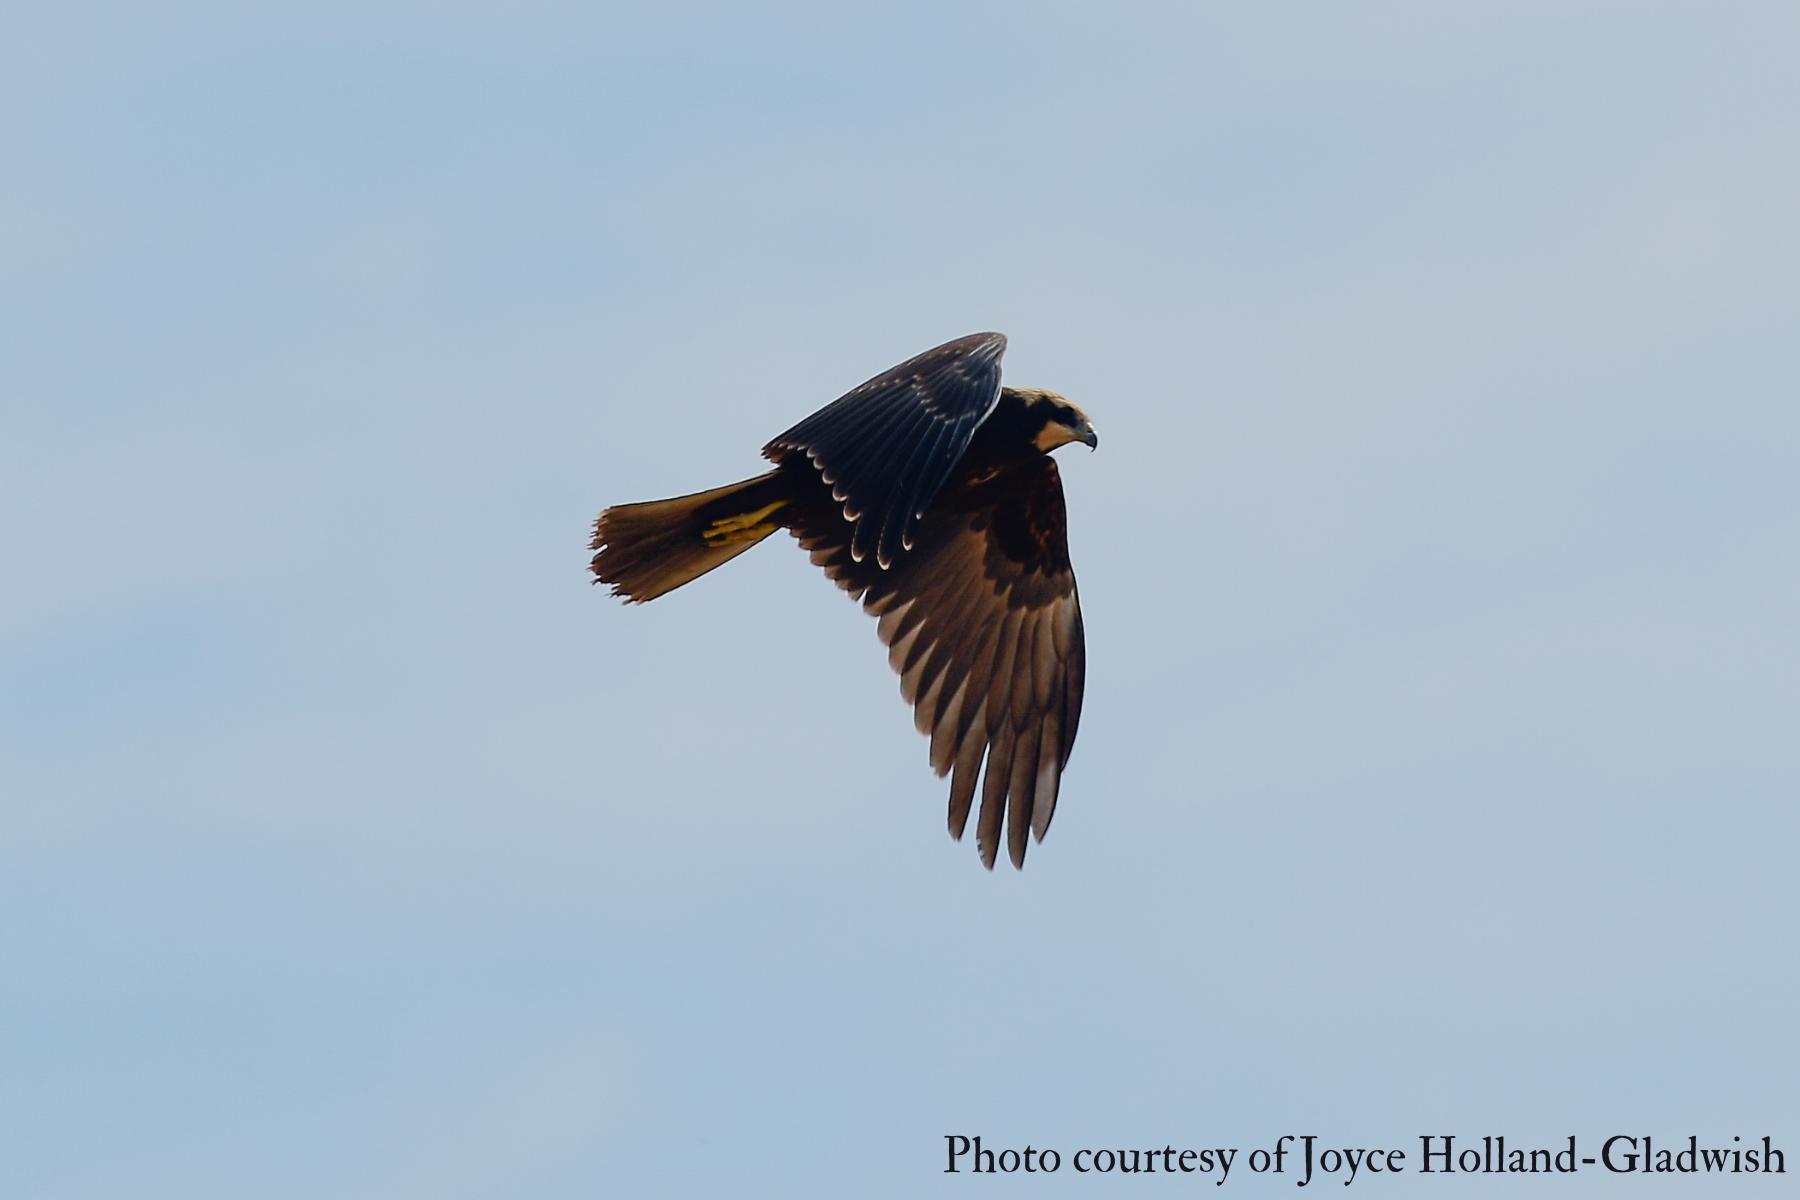 Female Marsh Harrier (Circus aeruginosus) 2021 Joyce Holland-Gladwish